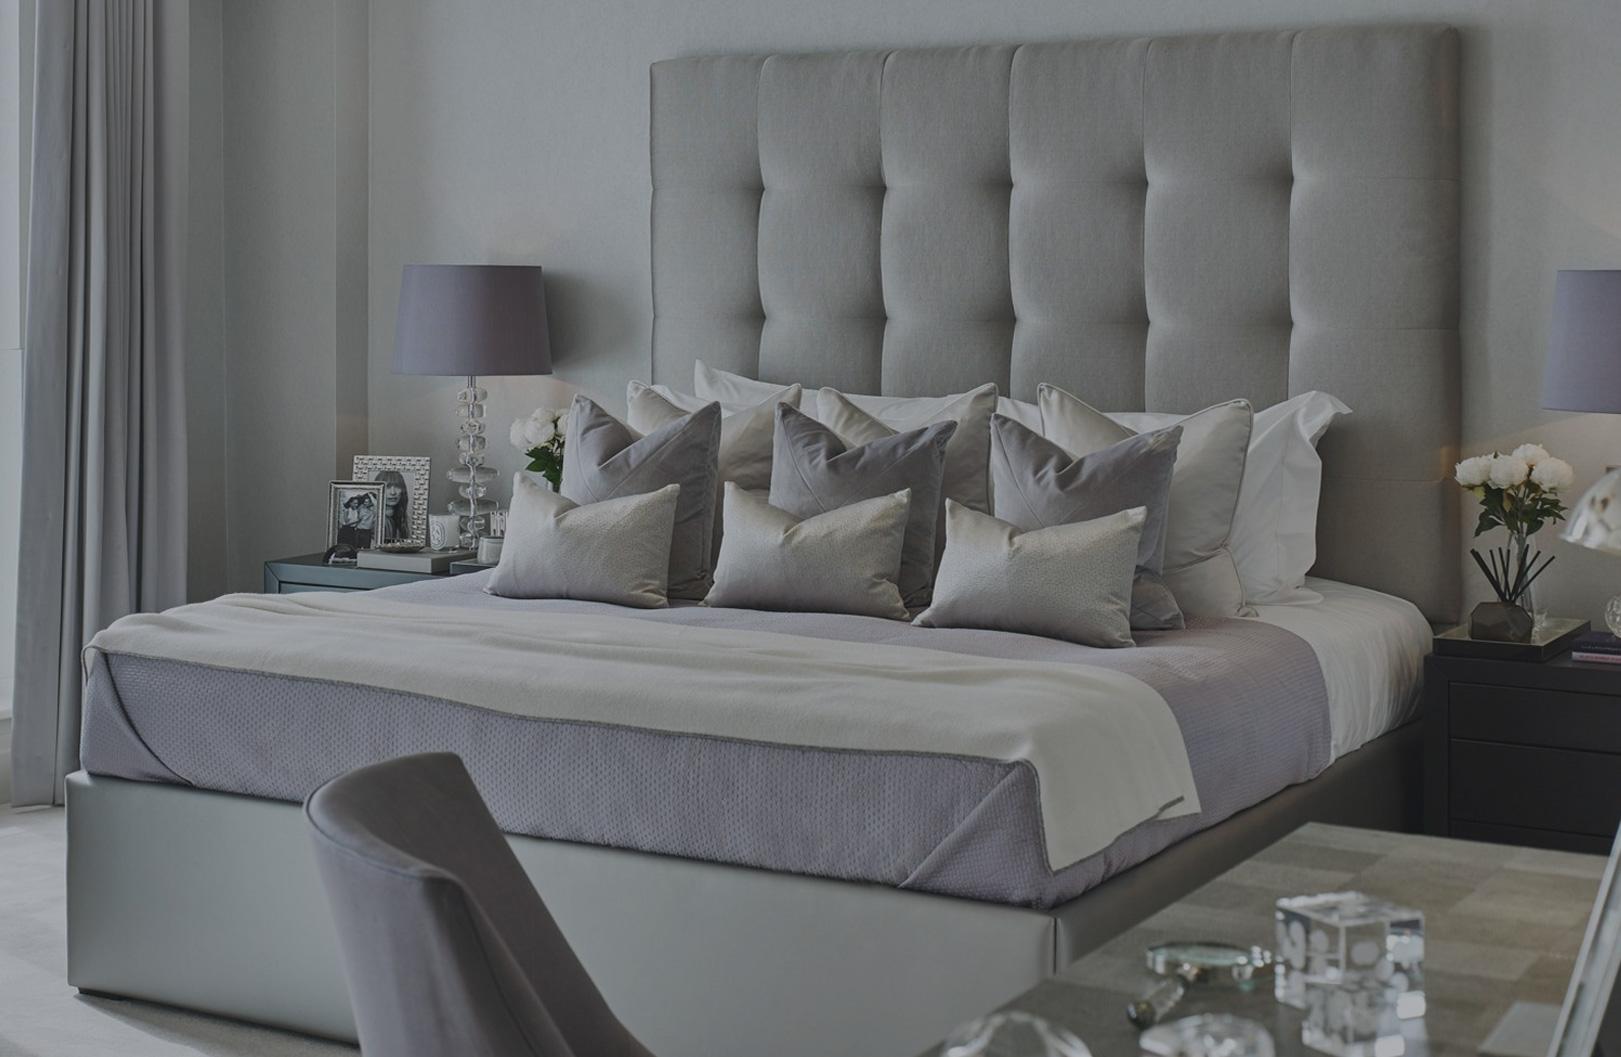 Vendita e acquisto di mobili usati in ticino mobili online for Svendita mobili milano